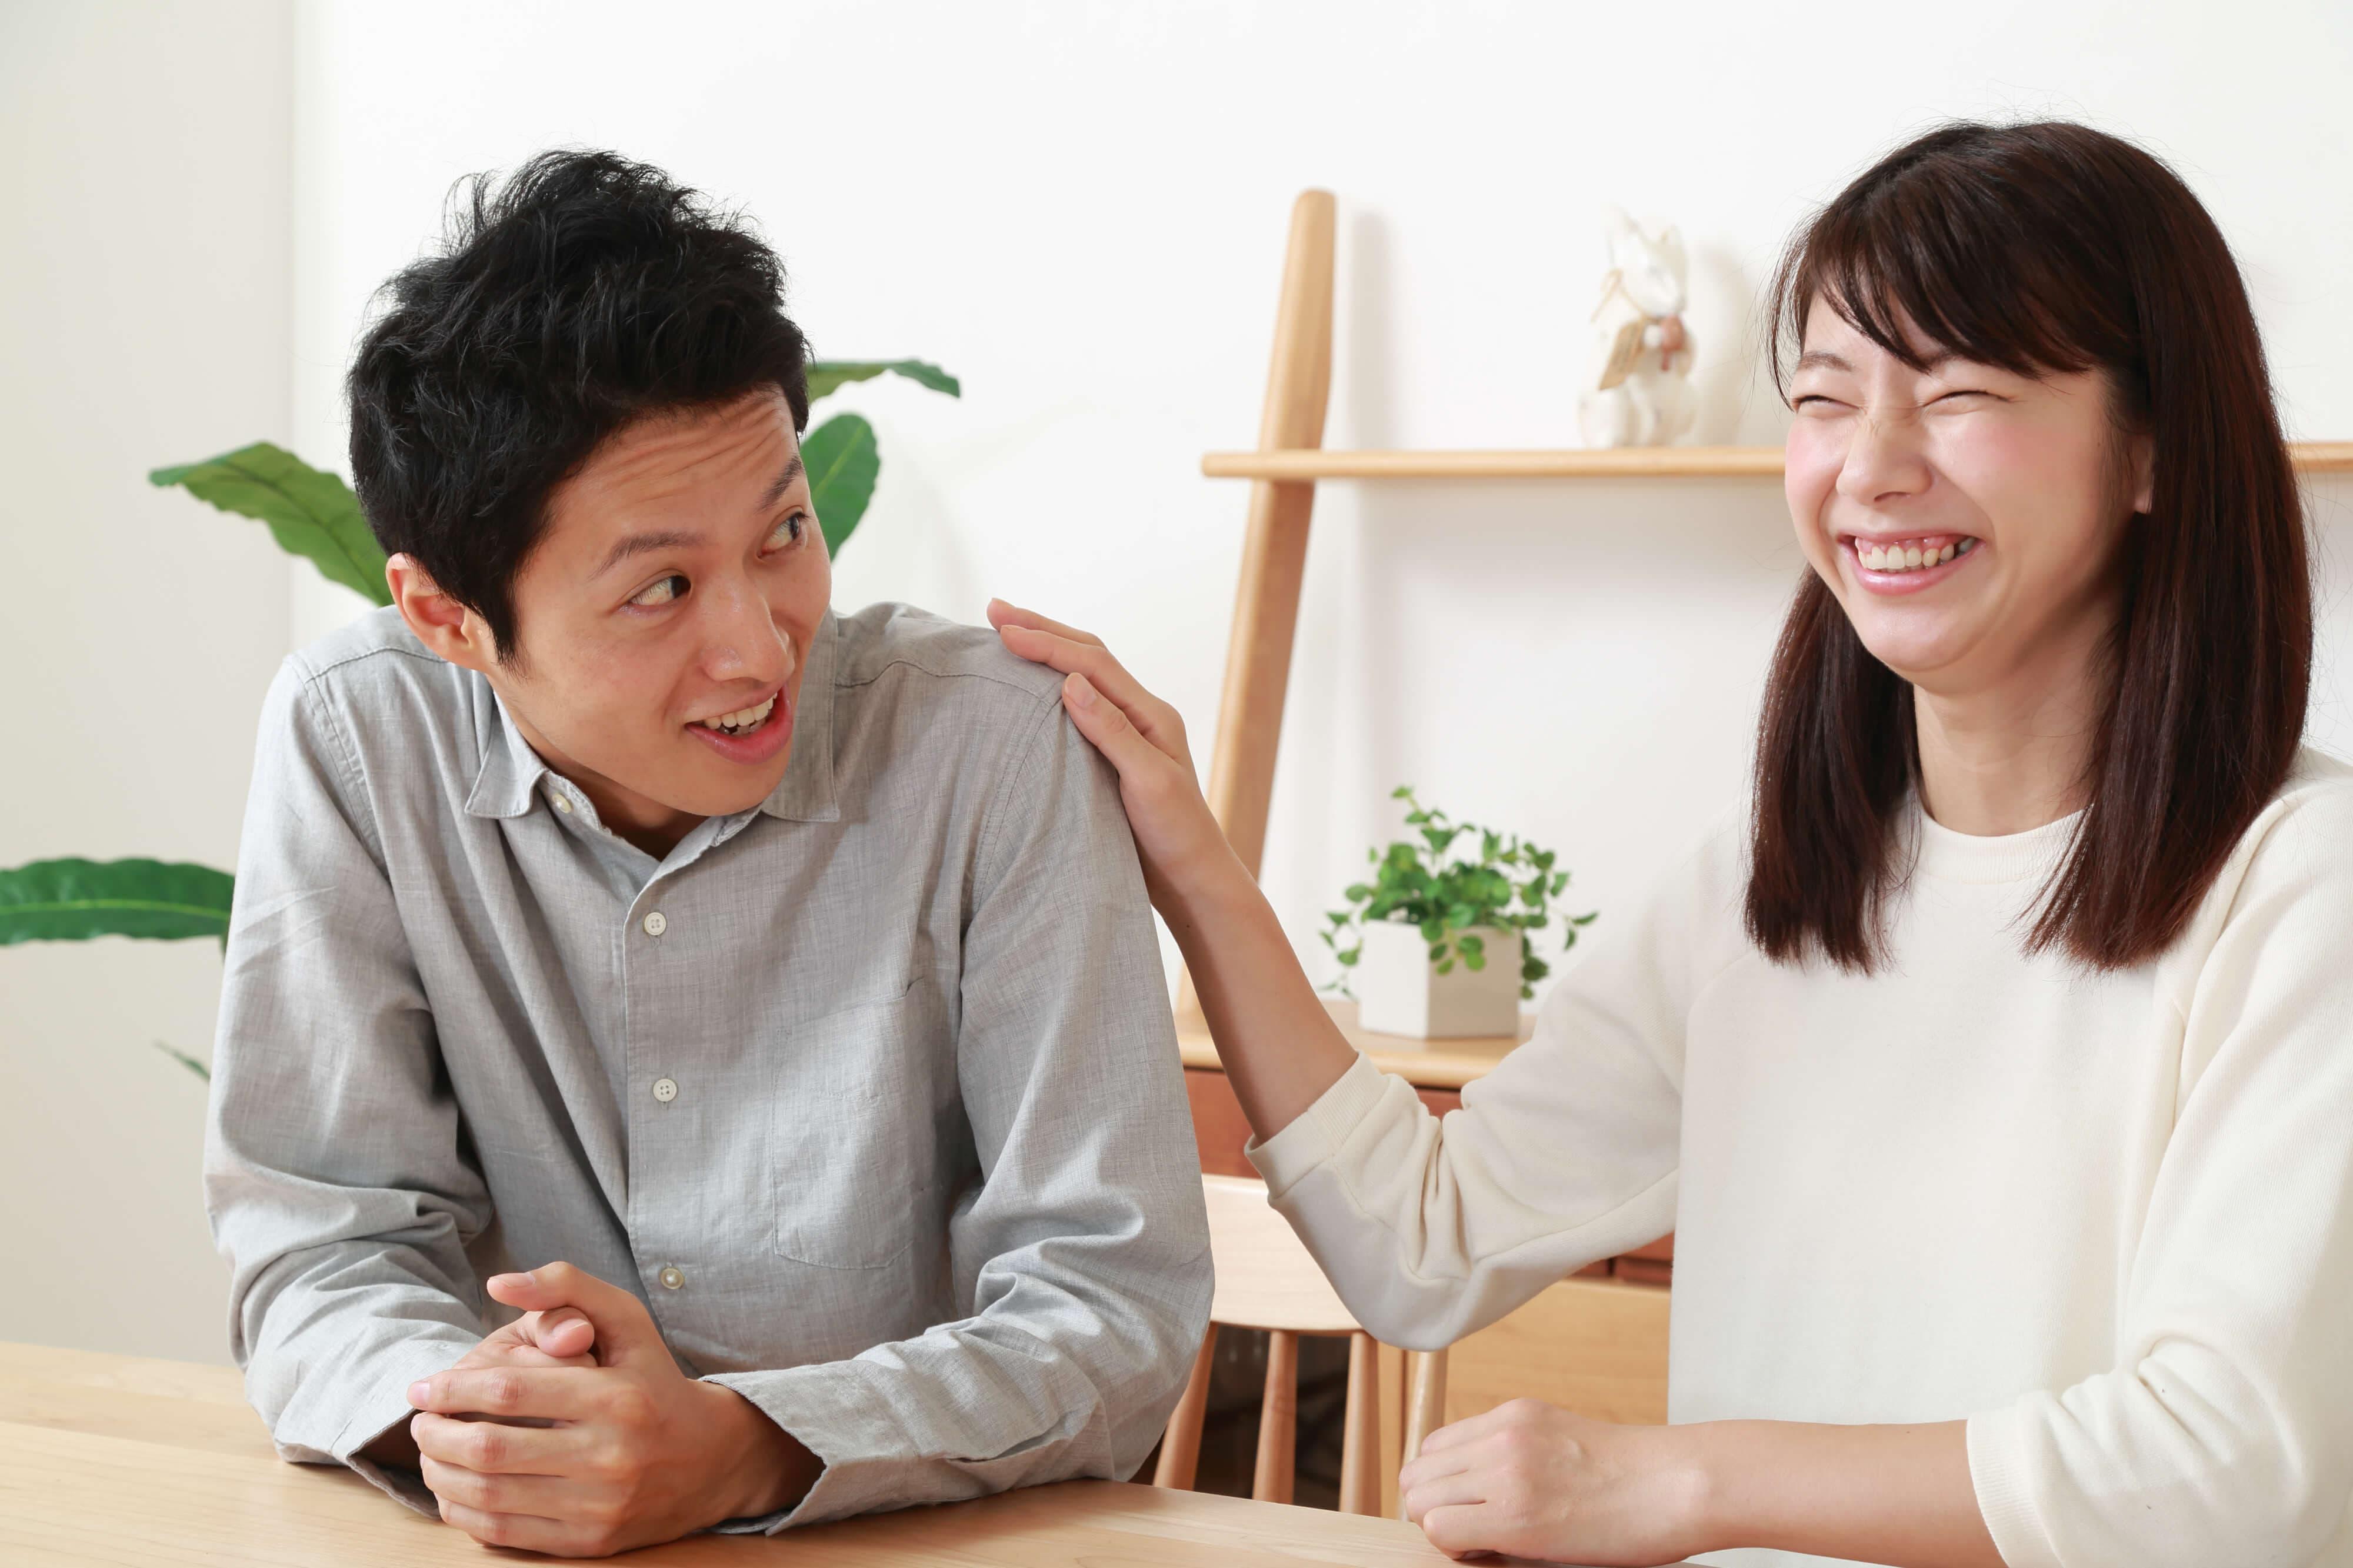 【男性編】妊娠中の夫婦仲を良くする5つの秘訣!